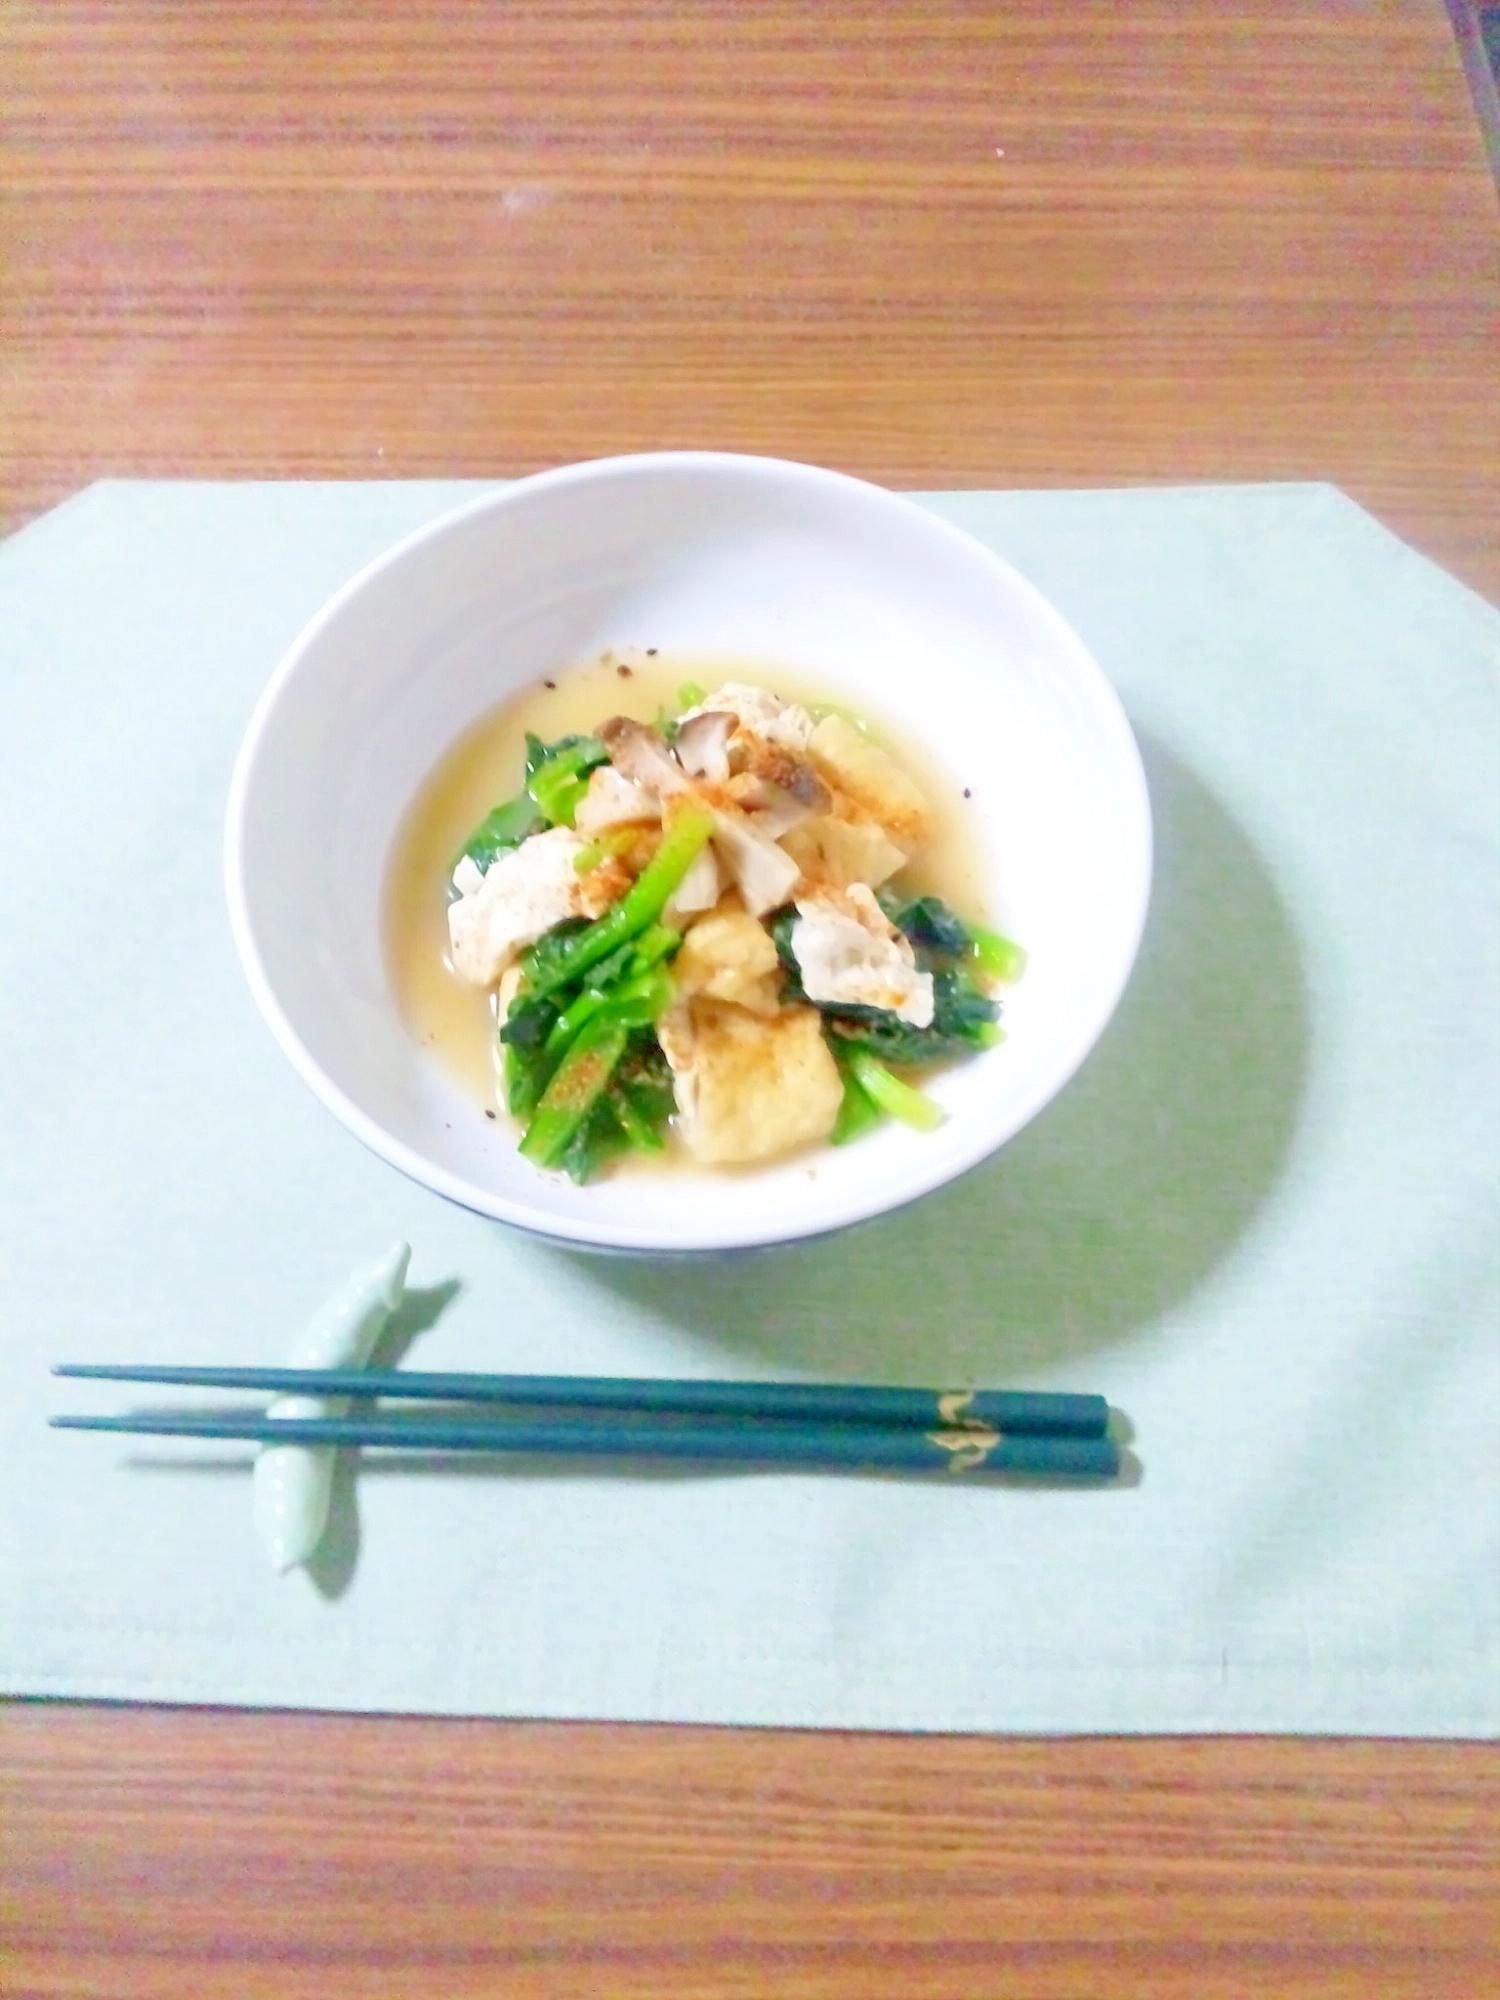 ヨウサマの『タニタ式』ダイエット食